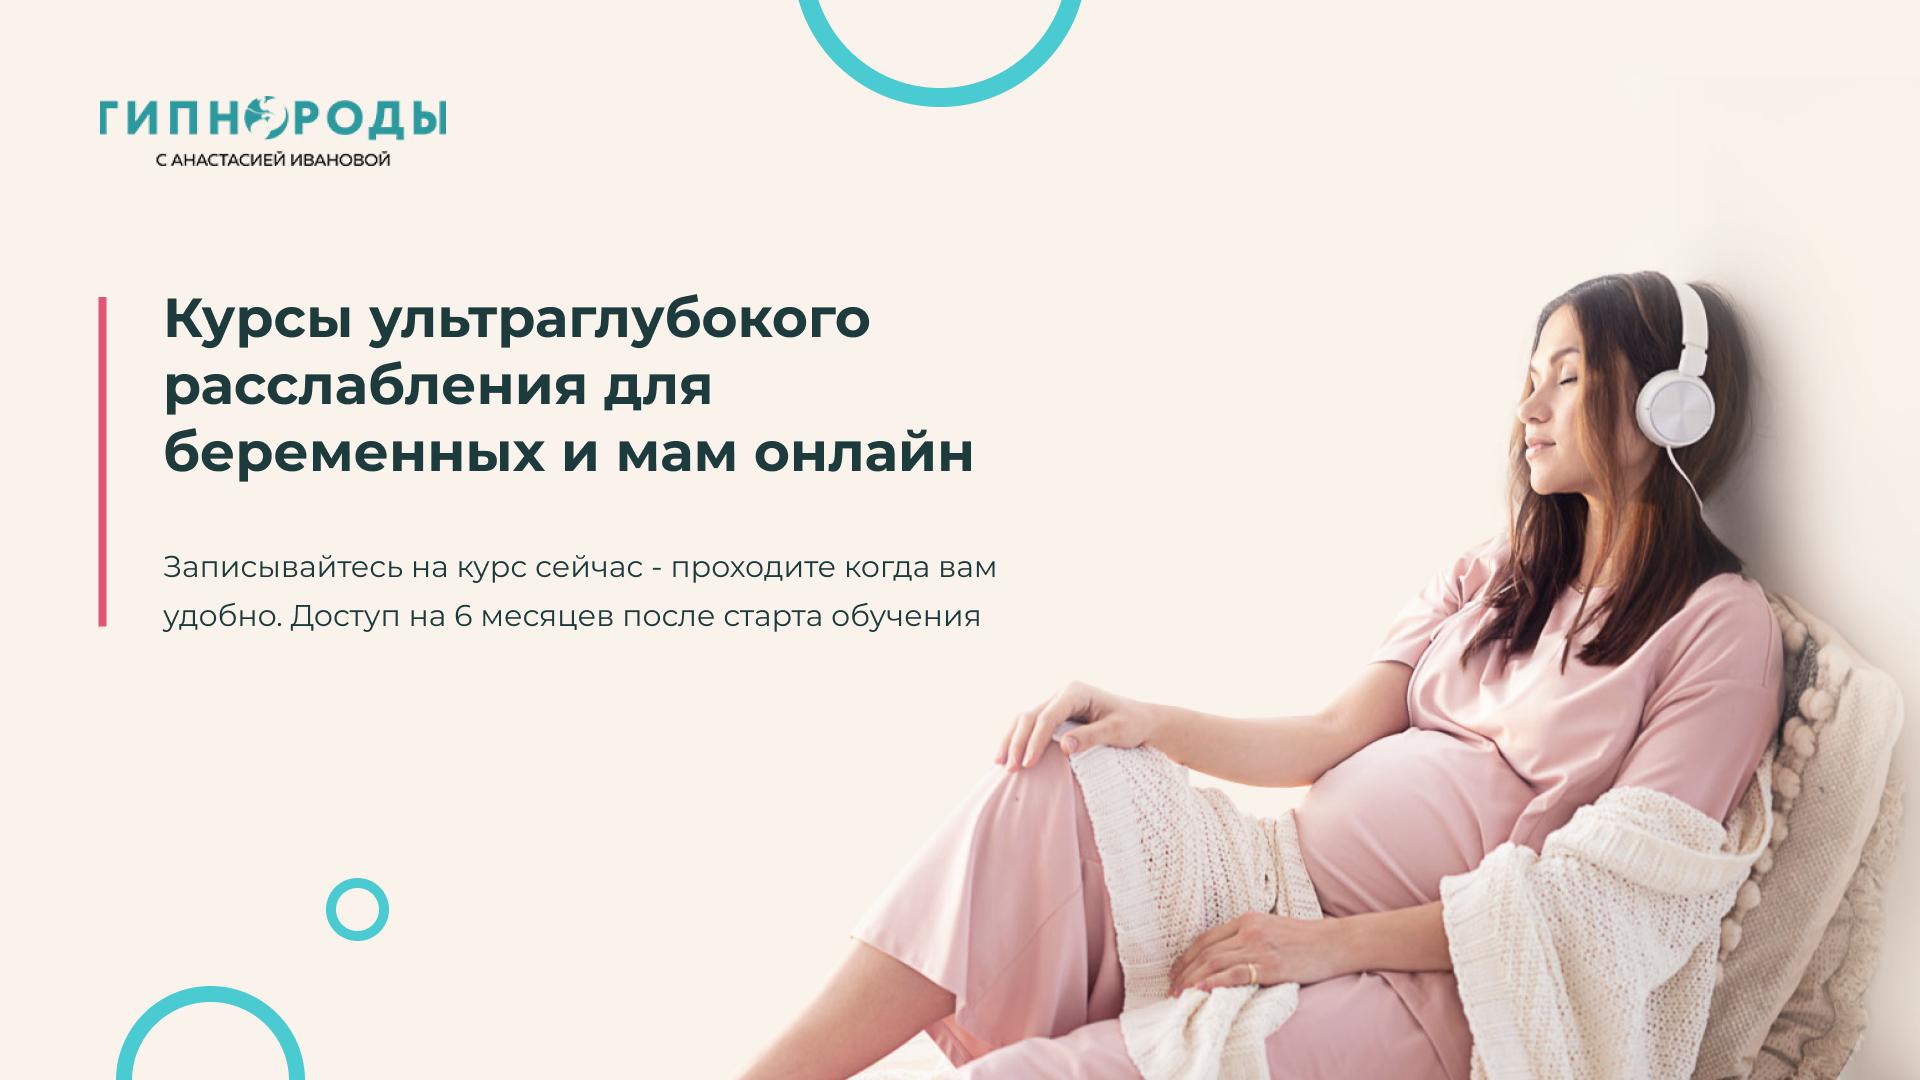 (c) Gipnorody.ru